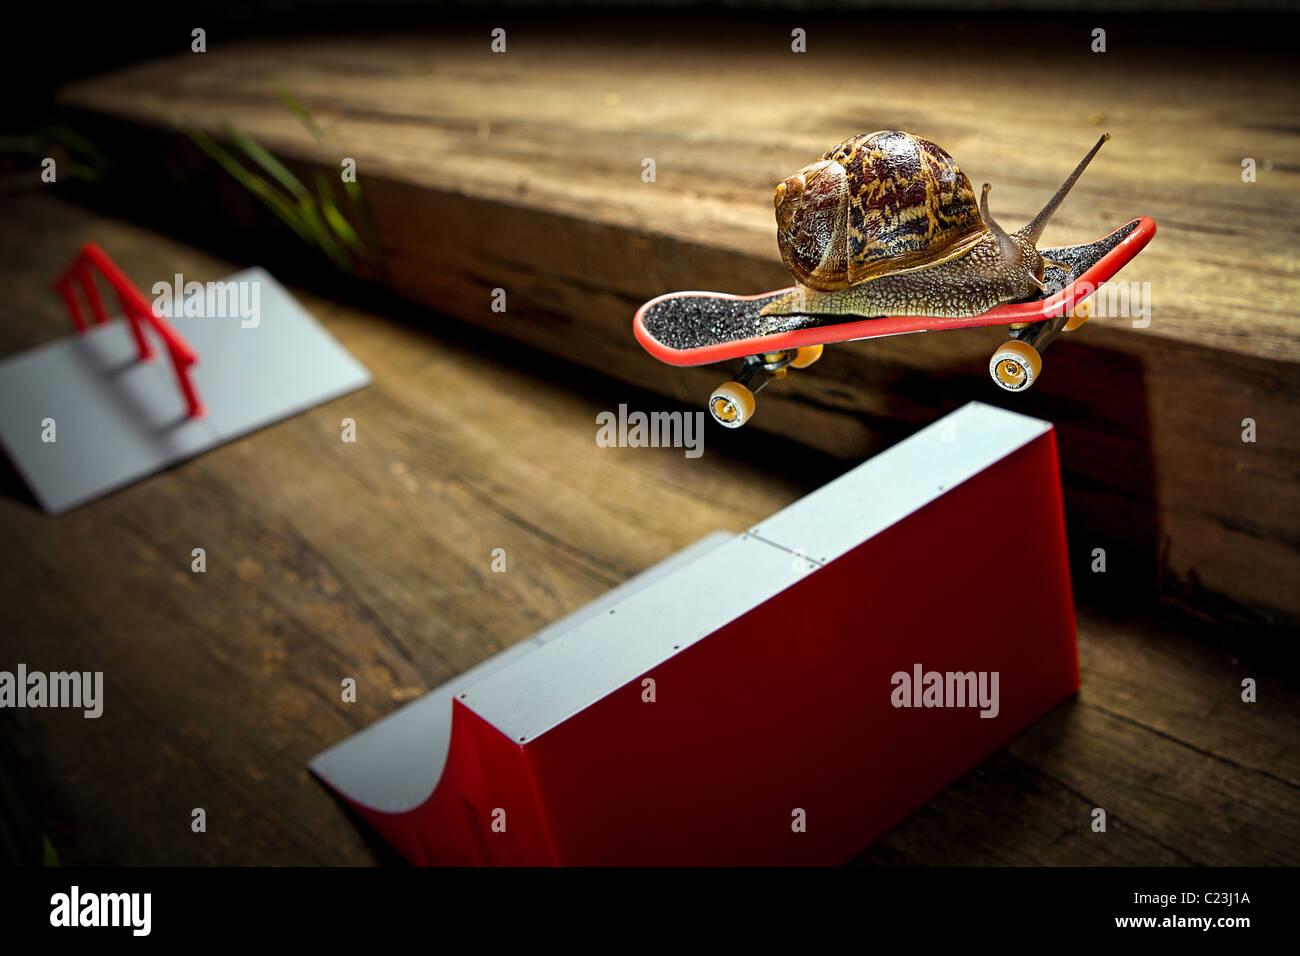 Una lumaca per la corsa su skateboard. Il più veloce della sua regione! Immagini Stock